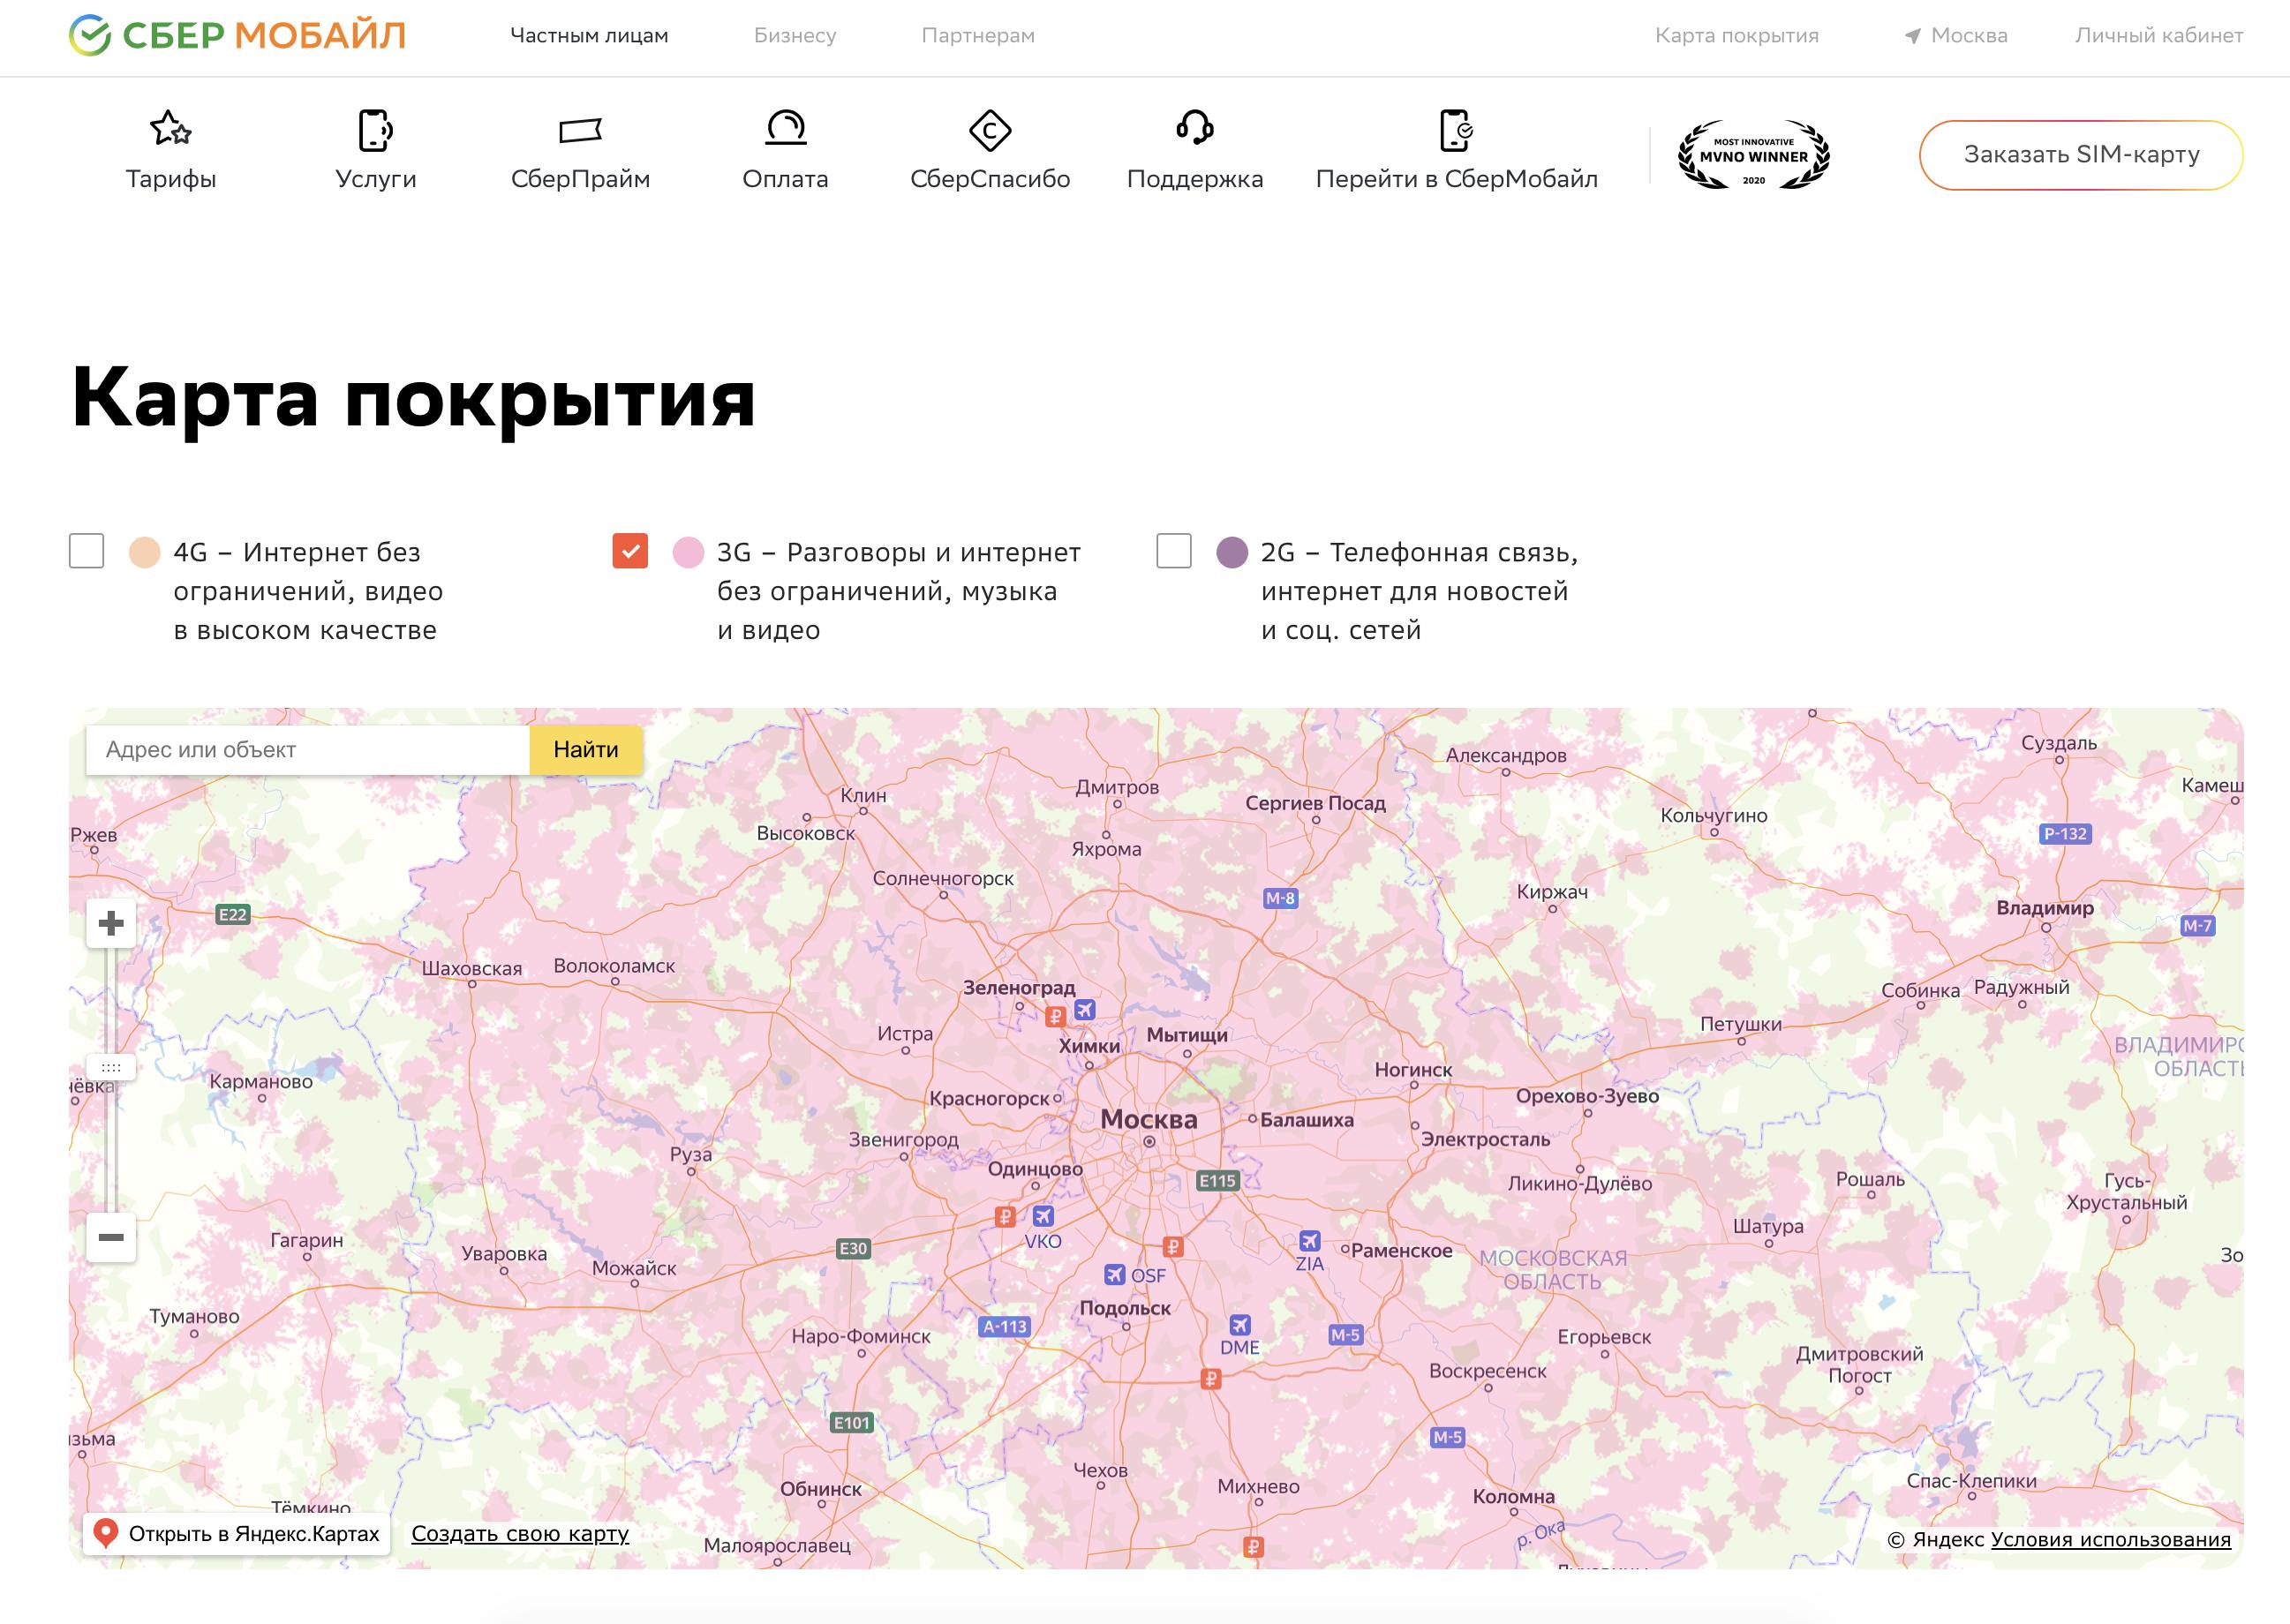 зона покрытия сбермобайл в россии зона покрытия 3G